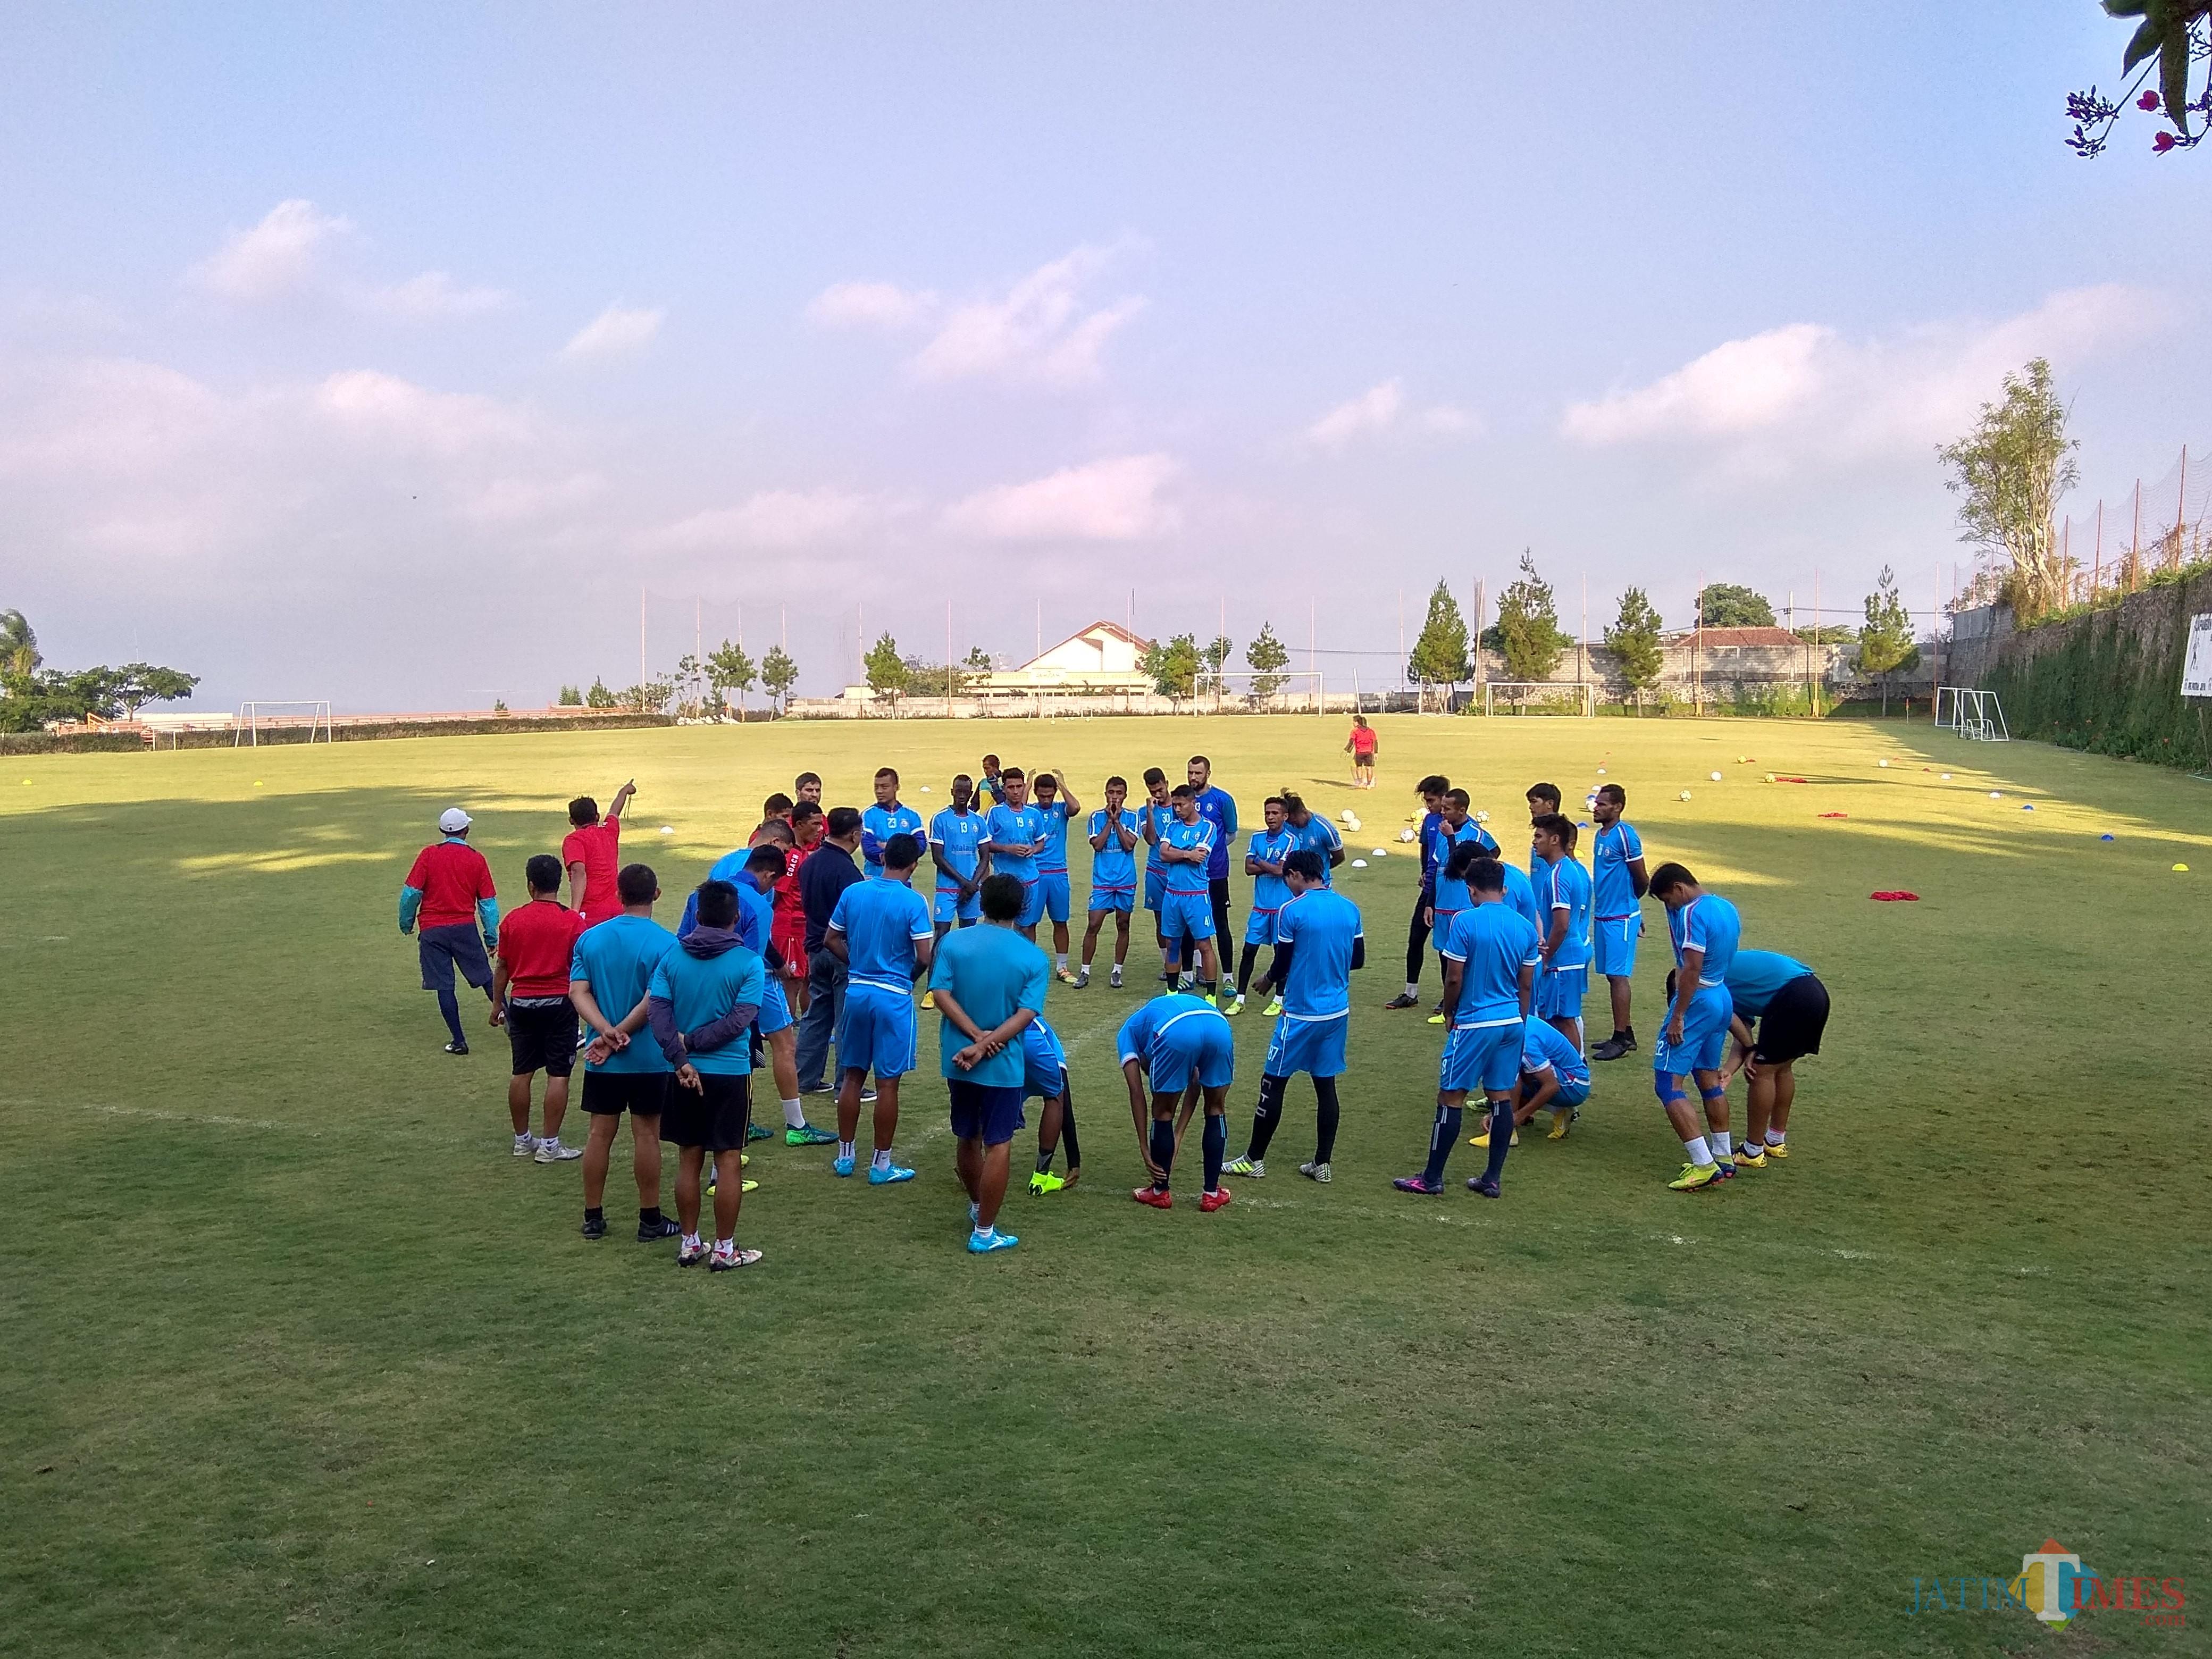 Arema FC ketika menjalani latihan di Lapangan Agro Kusuma Batu di tahun 2018 (Hendra Saputra)